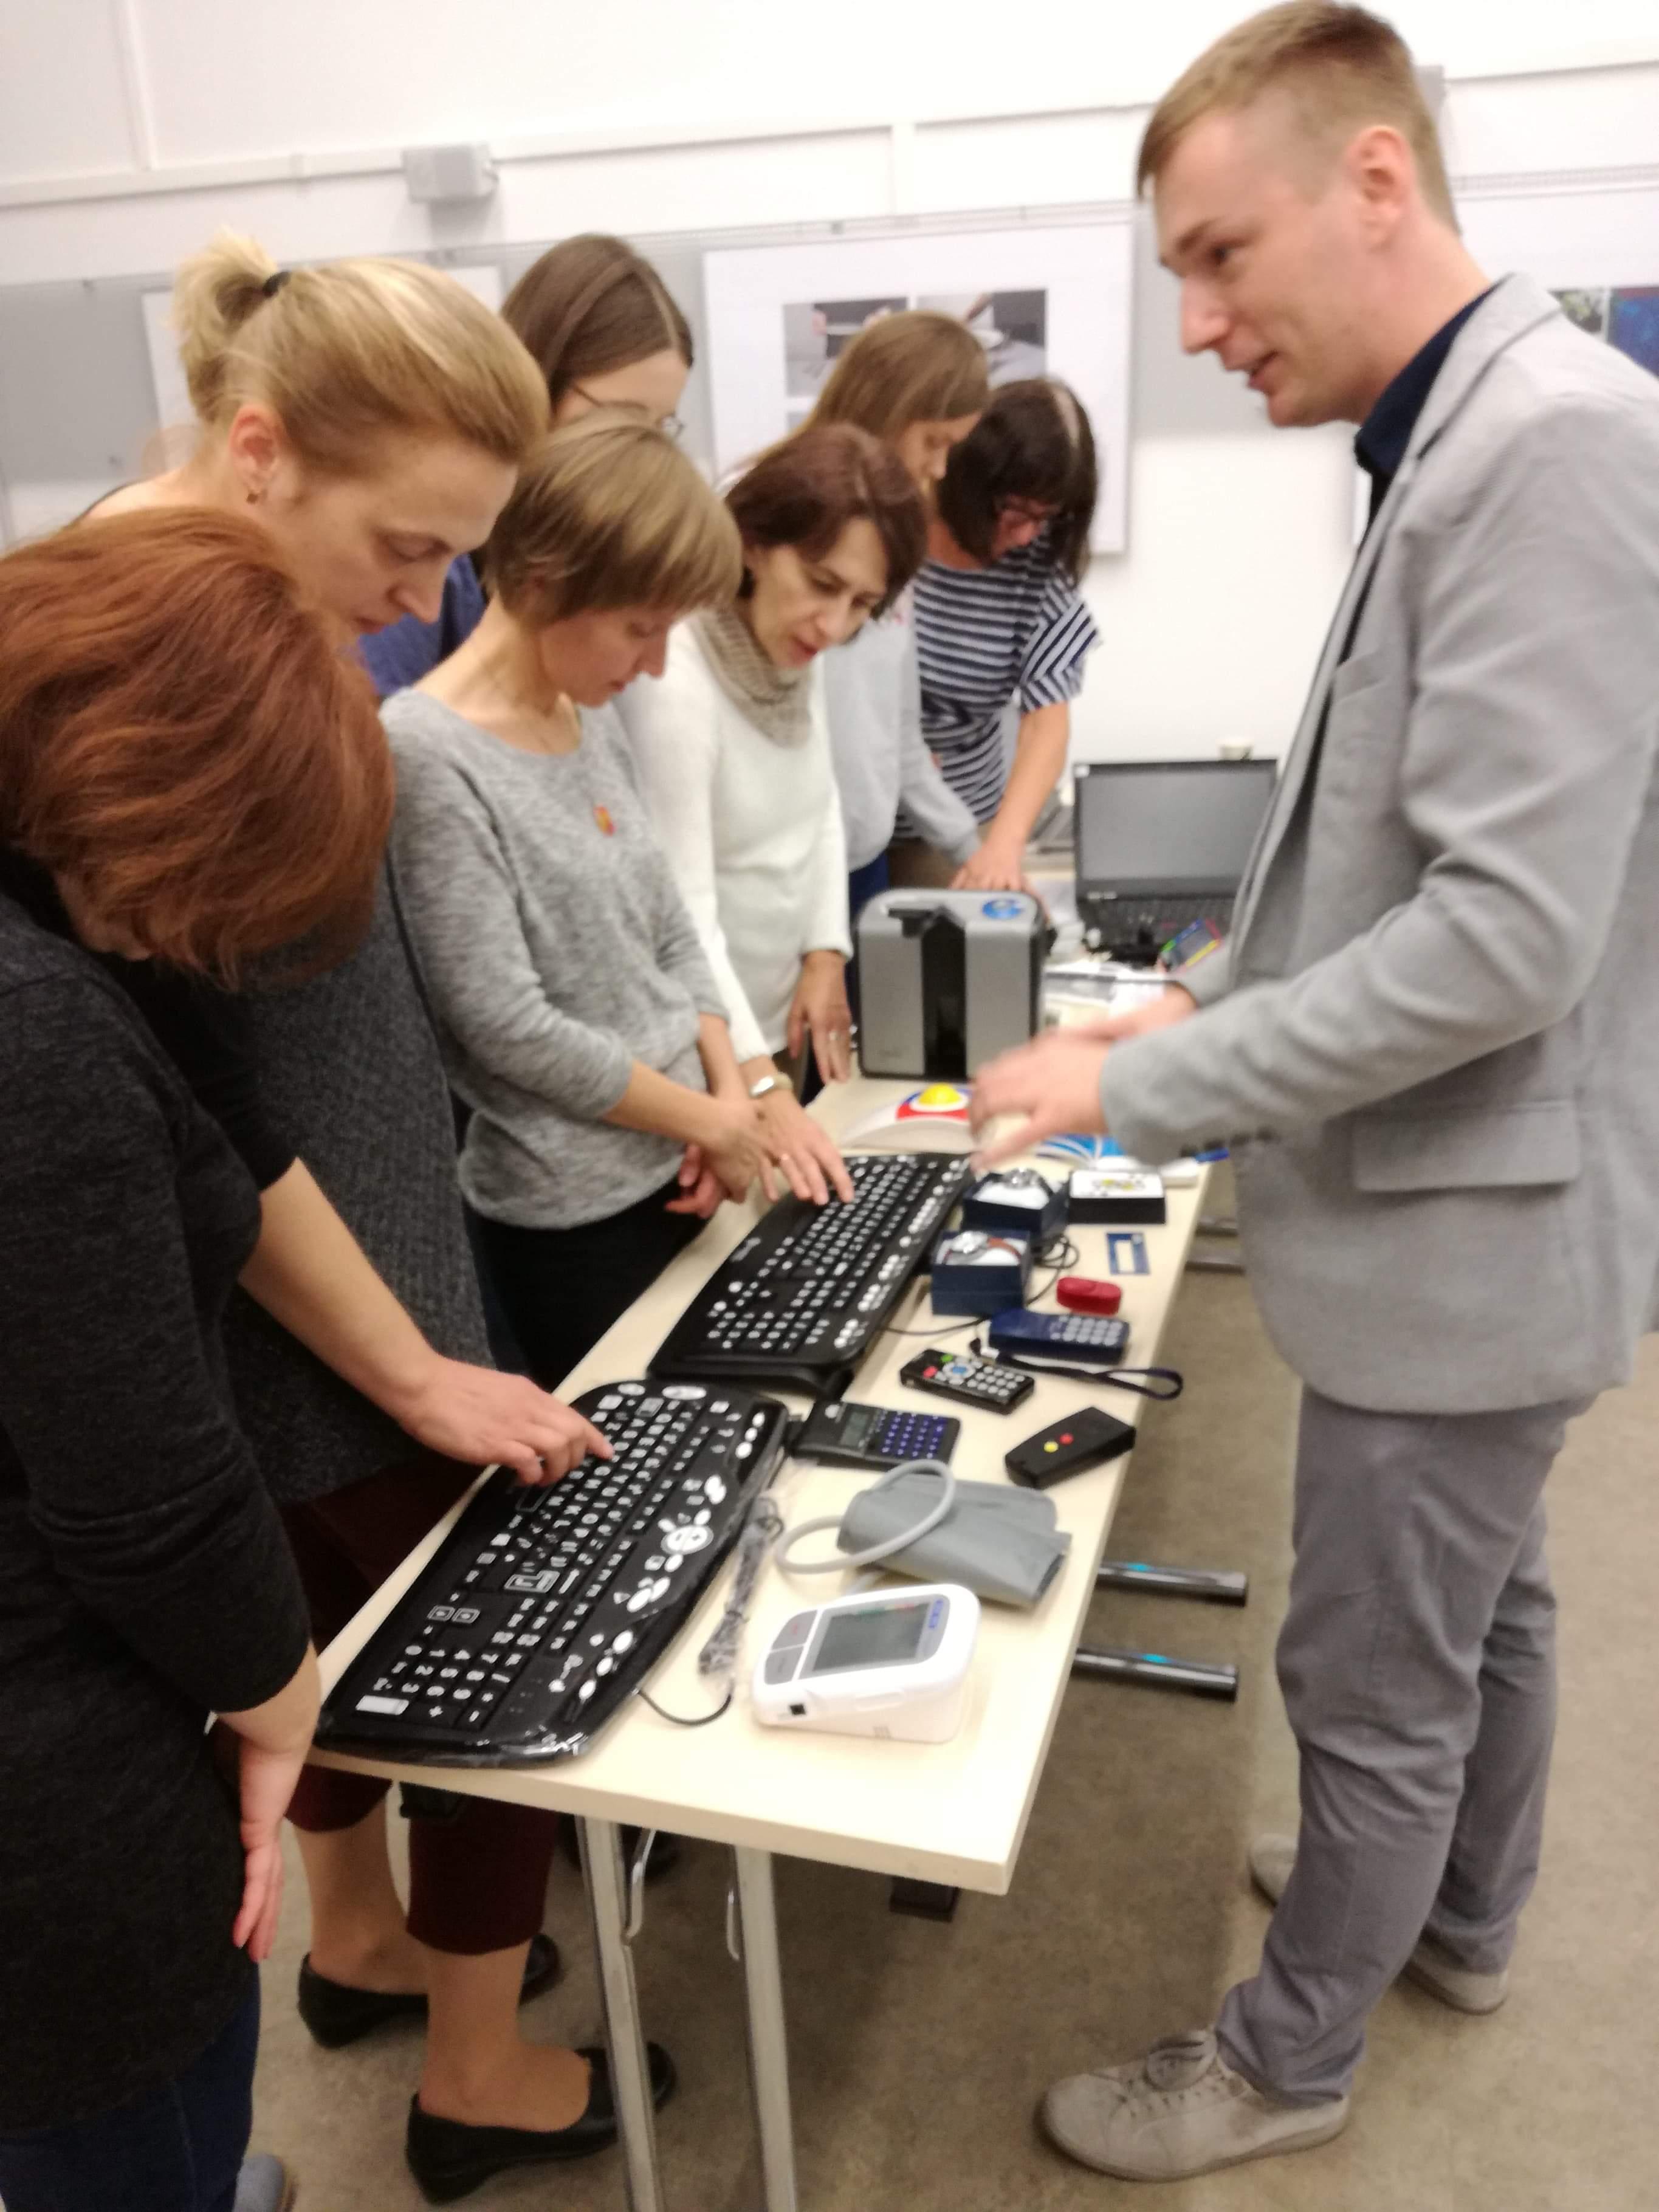 osoby szkolone ze sprzętu, dotykają klawiatury